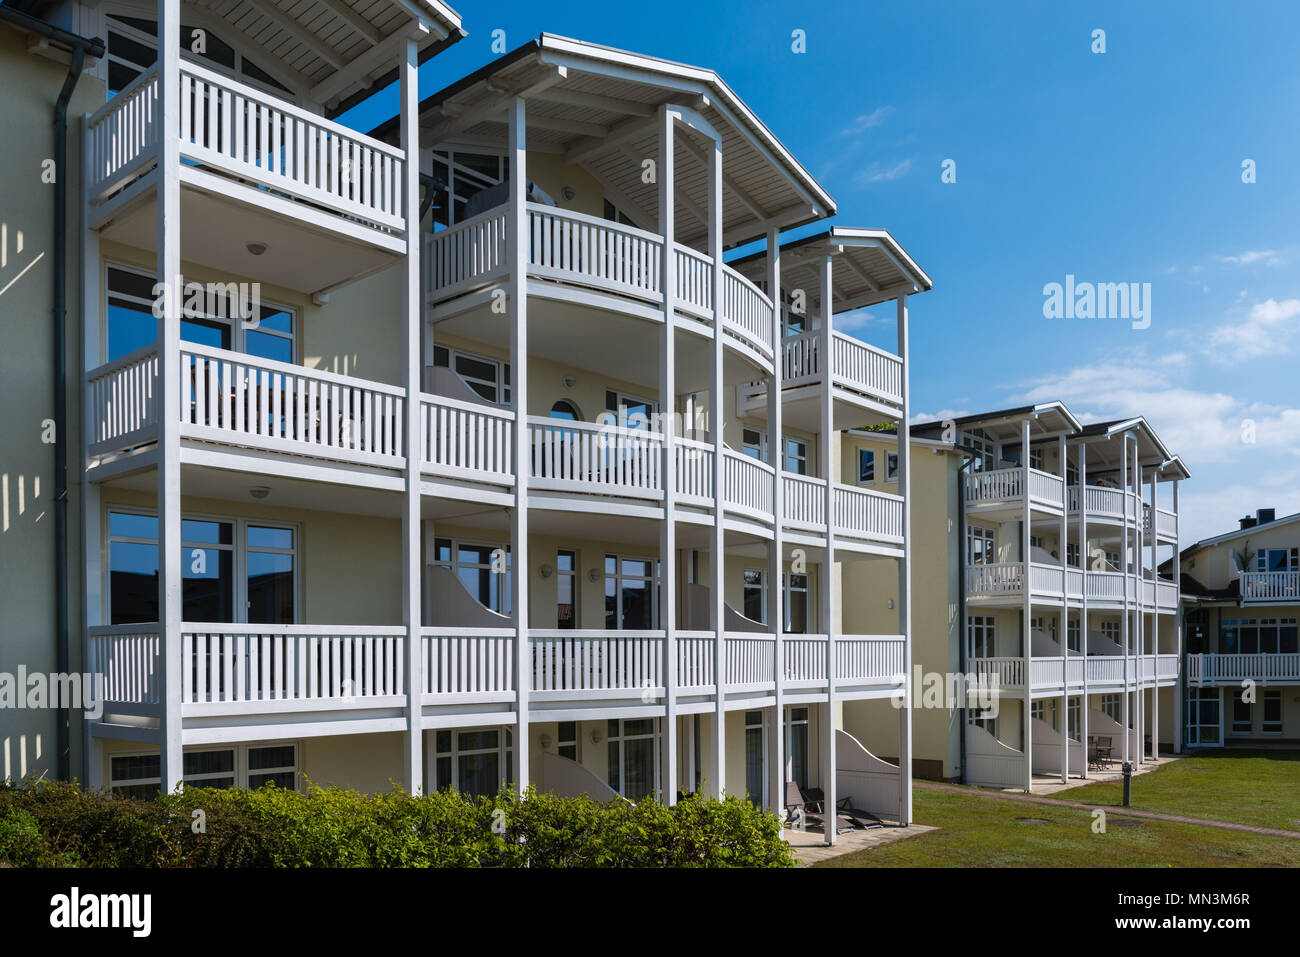 Neue Gebäude in der eebäder - Architektur, traditionelle Architektur, Göhren, Insel Rügen, Mecklenburg-Vorpommern, Deutschland Stockbild